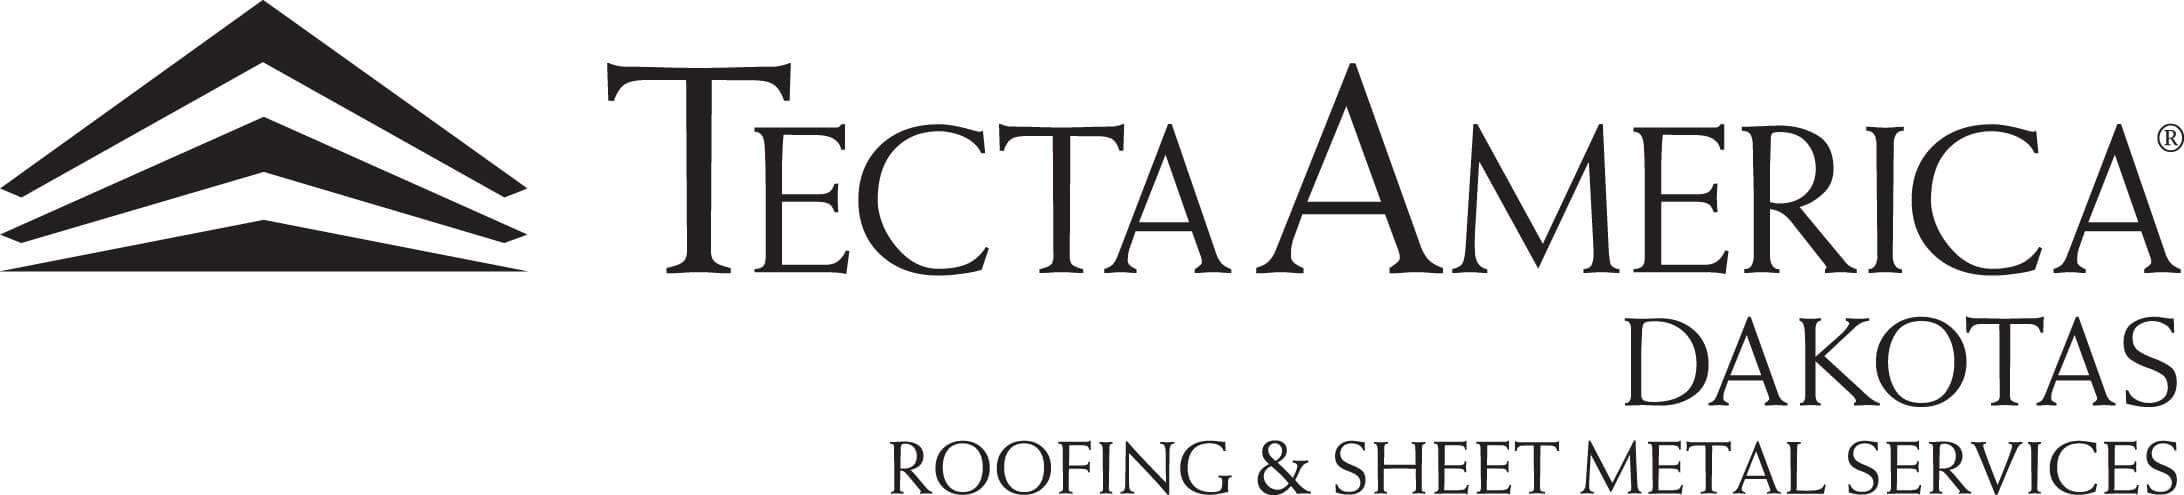 TectaAmericaDakotas_Logo